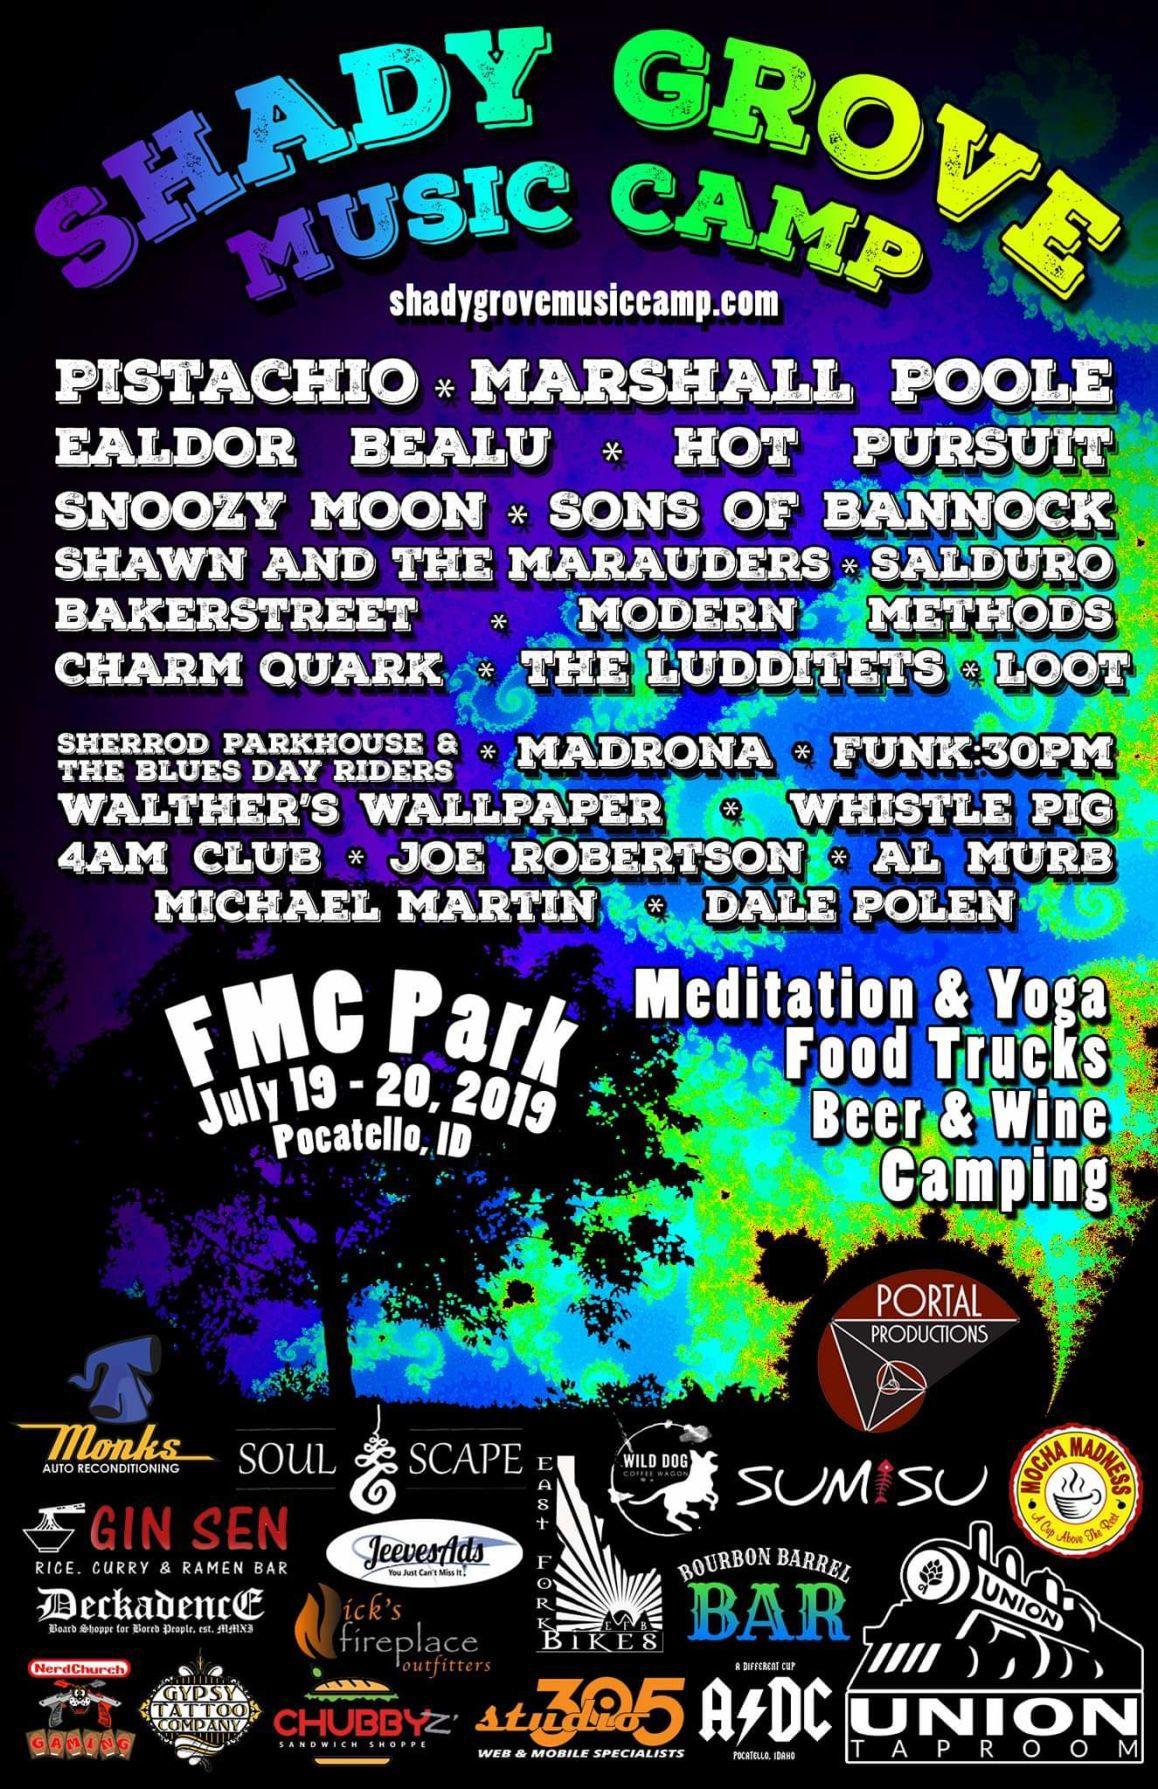 Shady Grove Music Camp Flyer